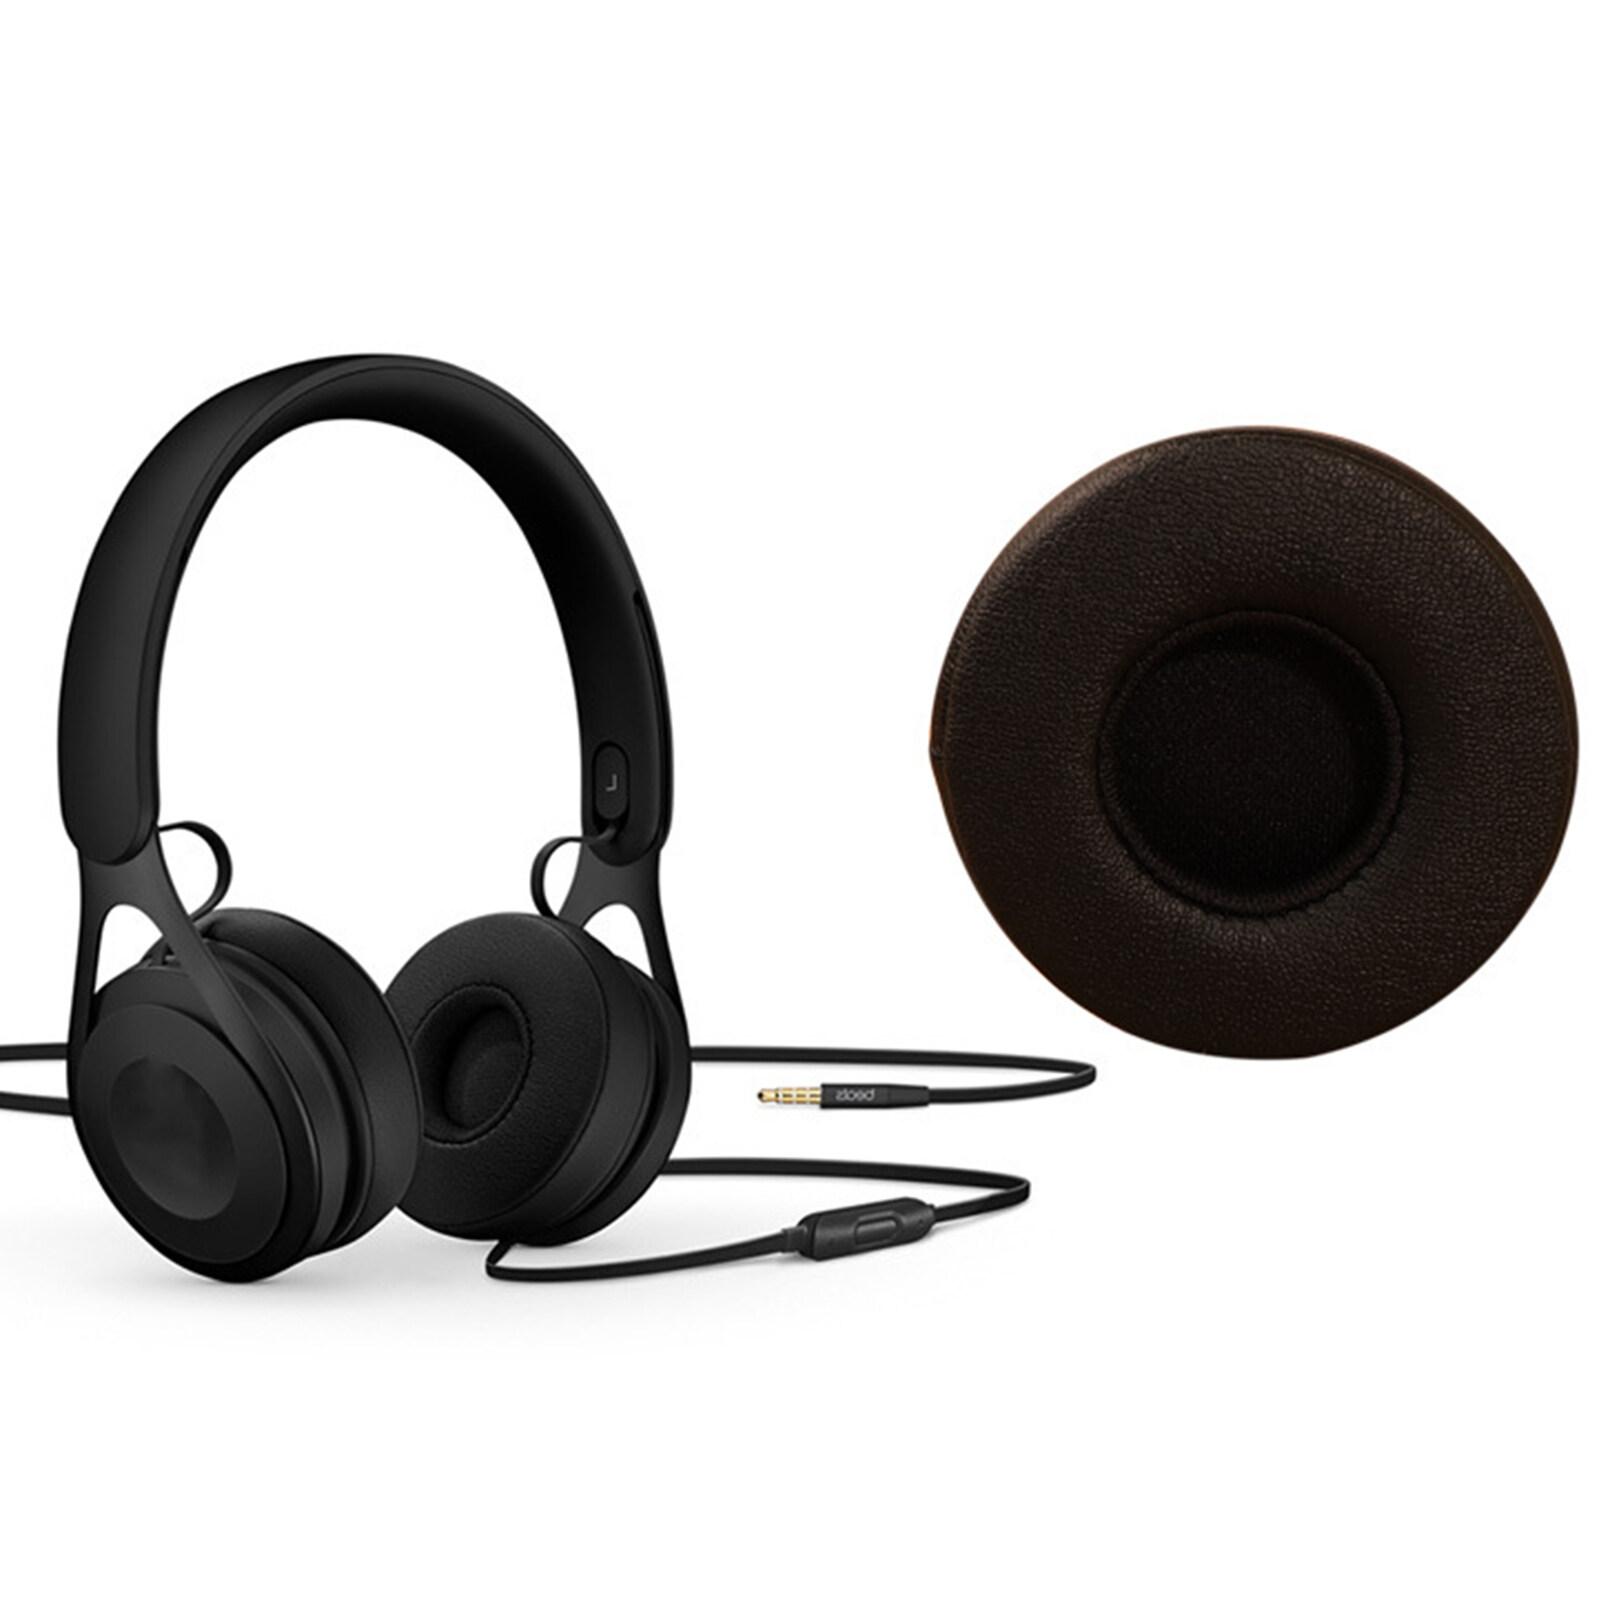 รีวิว 1คู่1:1ใช้งานร่วมกับความต้านทานลดเสียงรบกวน Earmuff ฝาหูฟังหูฟังอุปกรณ์เสริมสำหรับ Bea.Ts EPSuitable สำหรับ Beats Ep ปลอกหุ้มหูฟังหูฟังซองหนังสายแขนฟองน้ำ Ep Earmuffs หูฝ้ายที่ครอบหู